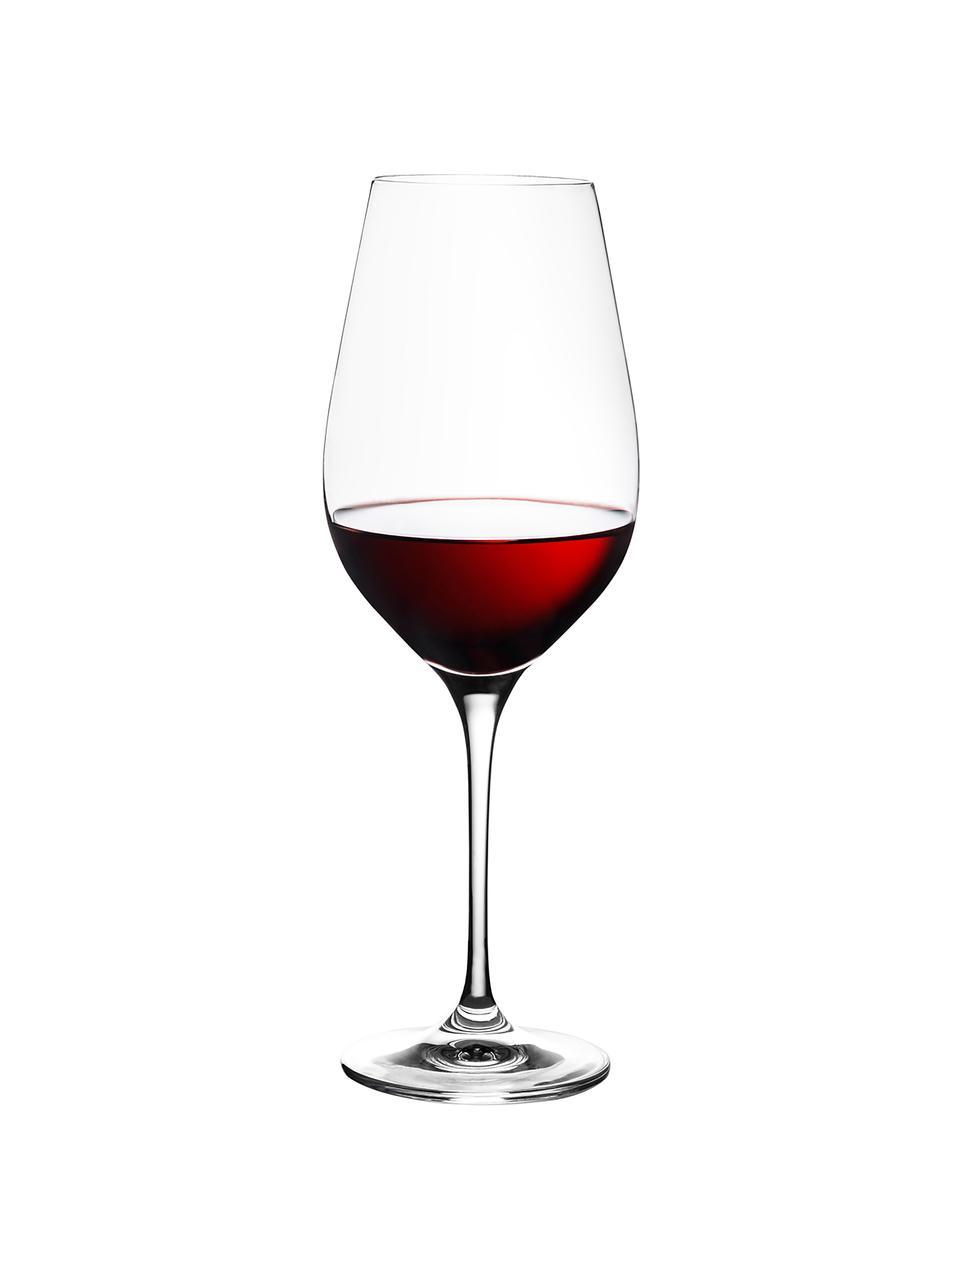 Rode wijnglazen Harmony, 6 stuks, Edele glans - het kristalglas breekt het licht en dit creëert een sprankelend effect, waardoor elk wijnglas als een bijzonder moment kan worden ervaren., Transparant, Ø 8 x H 24 cm